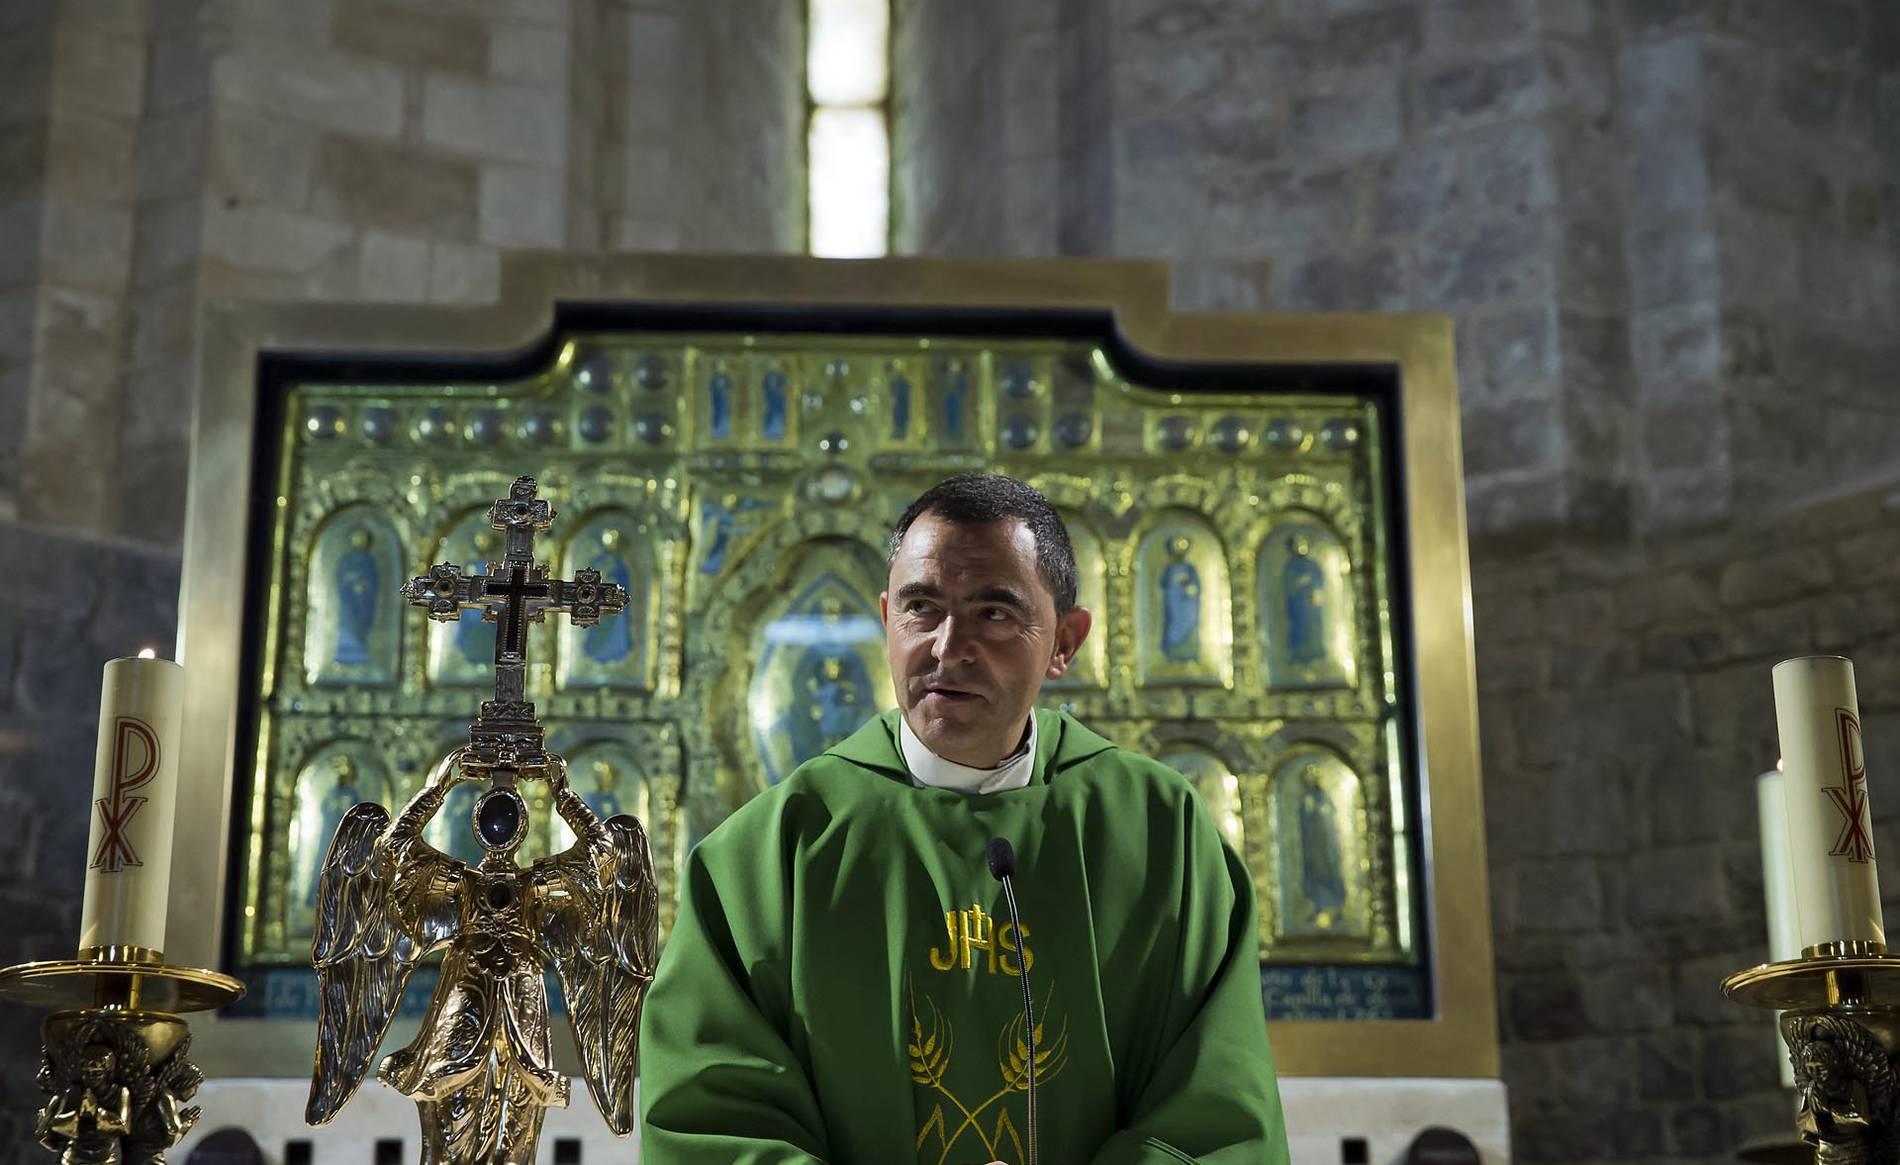 Día del niño en San Miguel de Aralar (1/7) - Día del niño en el Santuario de San Miguel de Aralar - Contenidos -